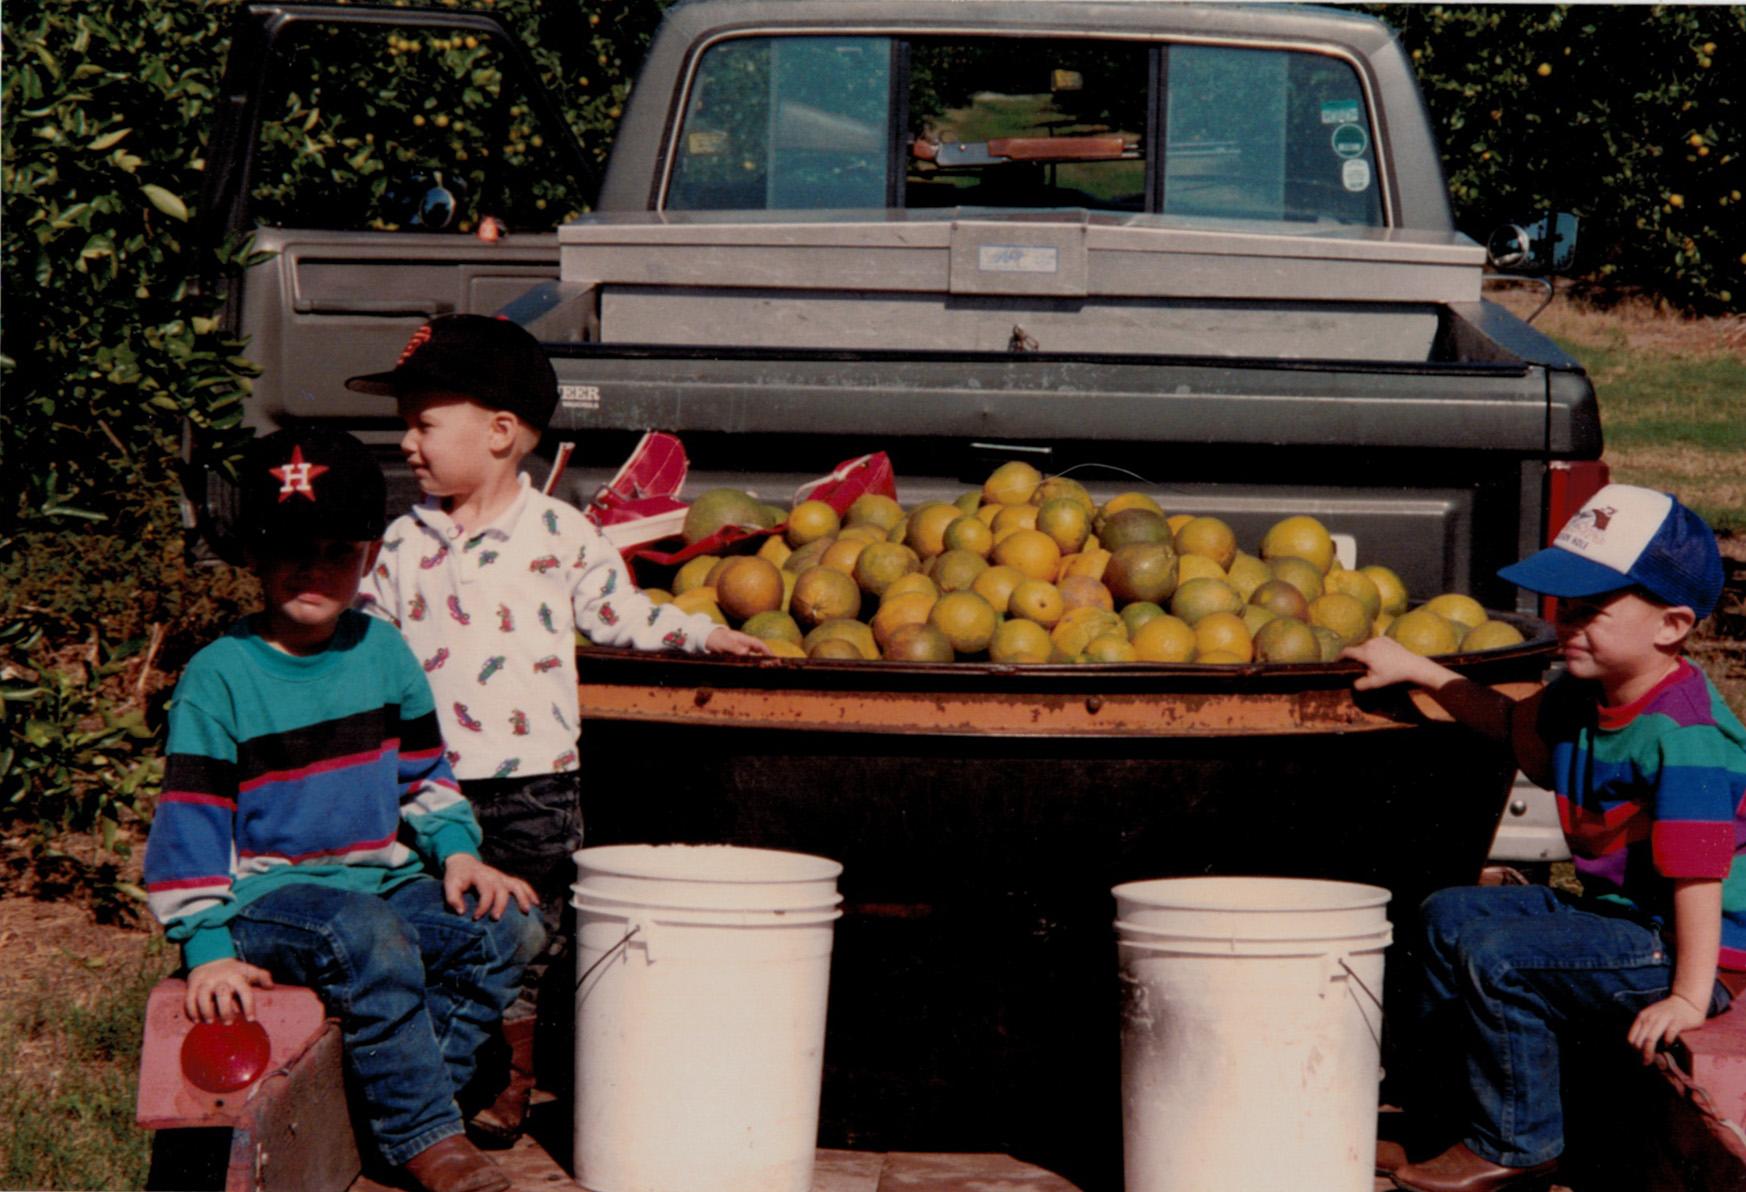 On the trailer.jpg